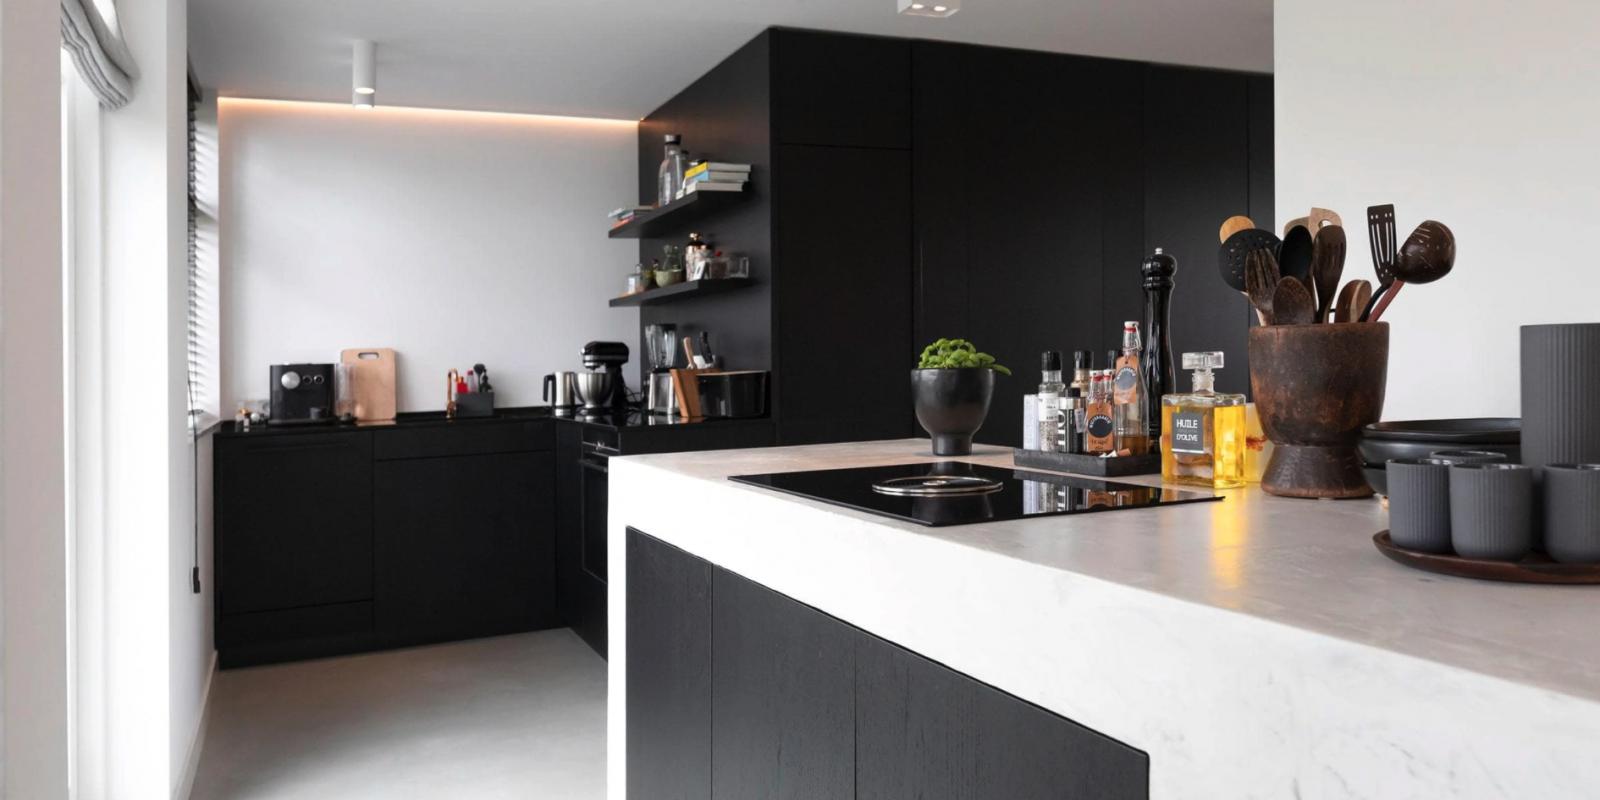 Keuken Op Maat Door Atelier 19 Barendrecht